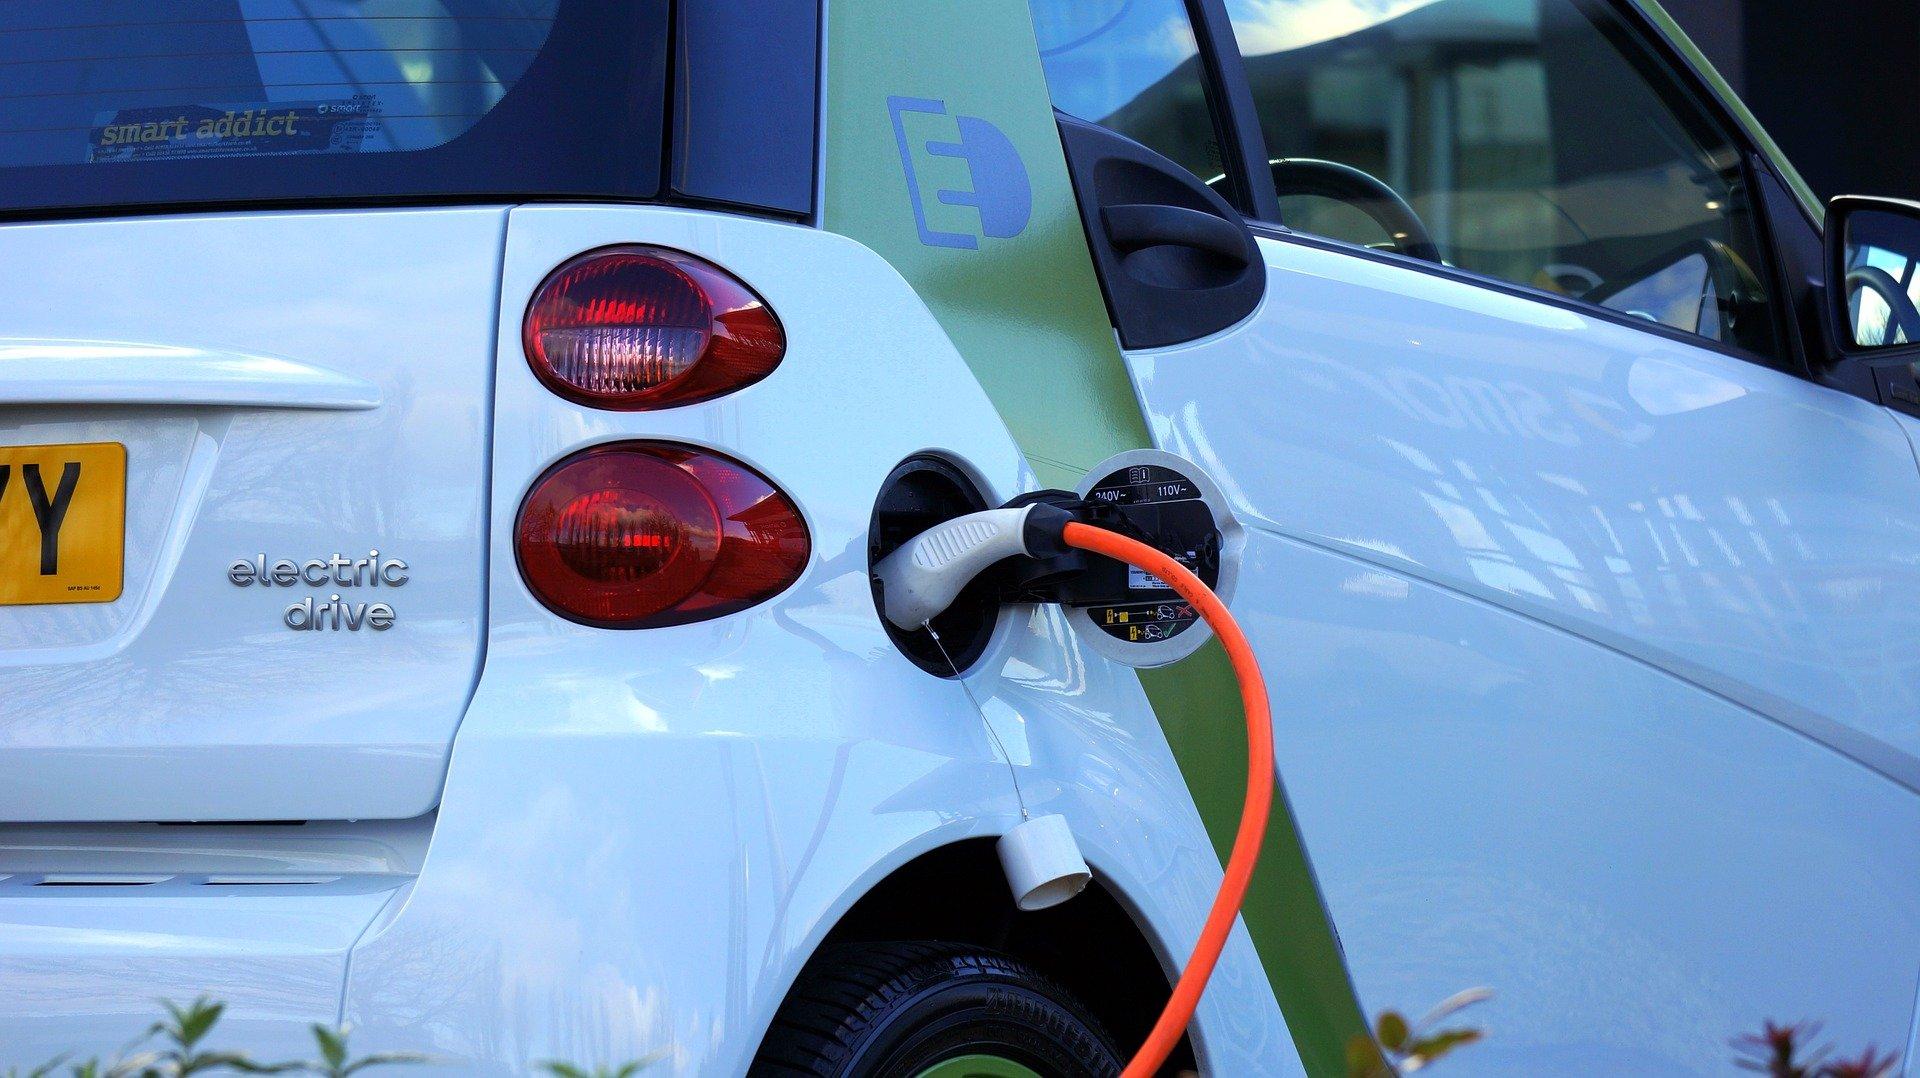 電動汽車,這裡是脫碳加速的狀態